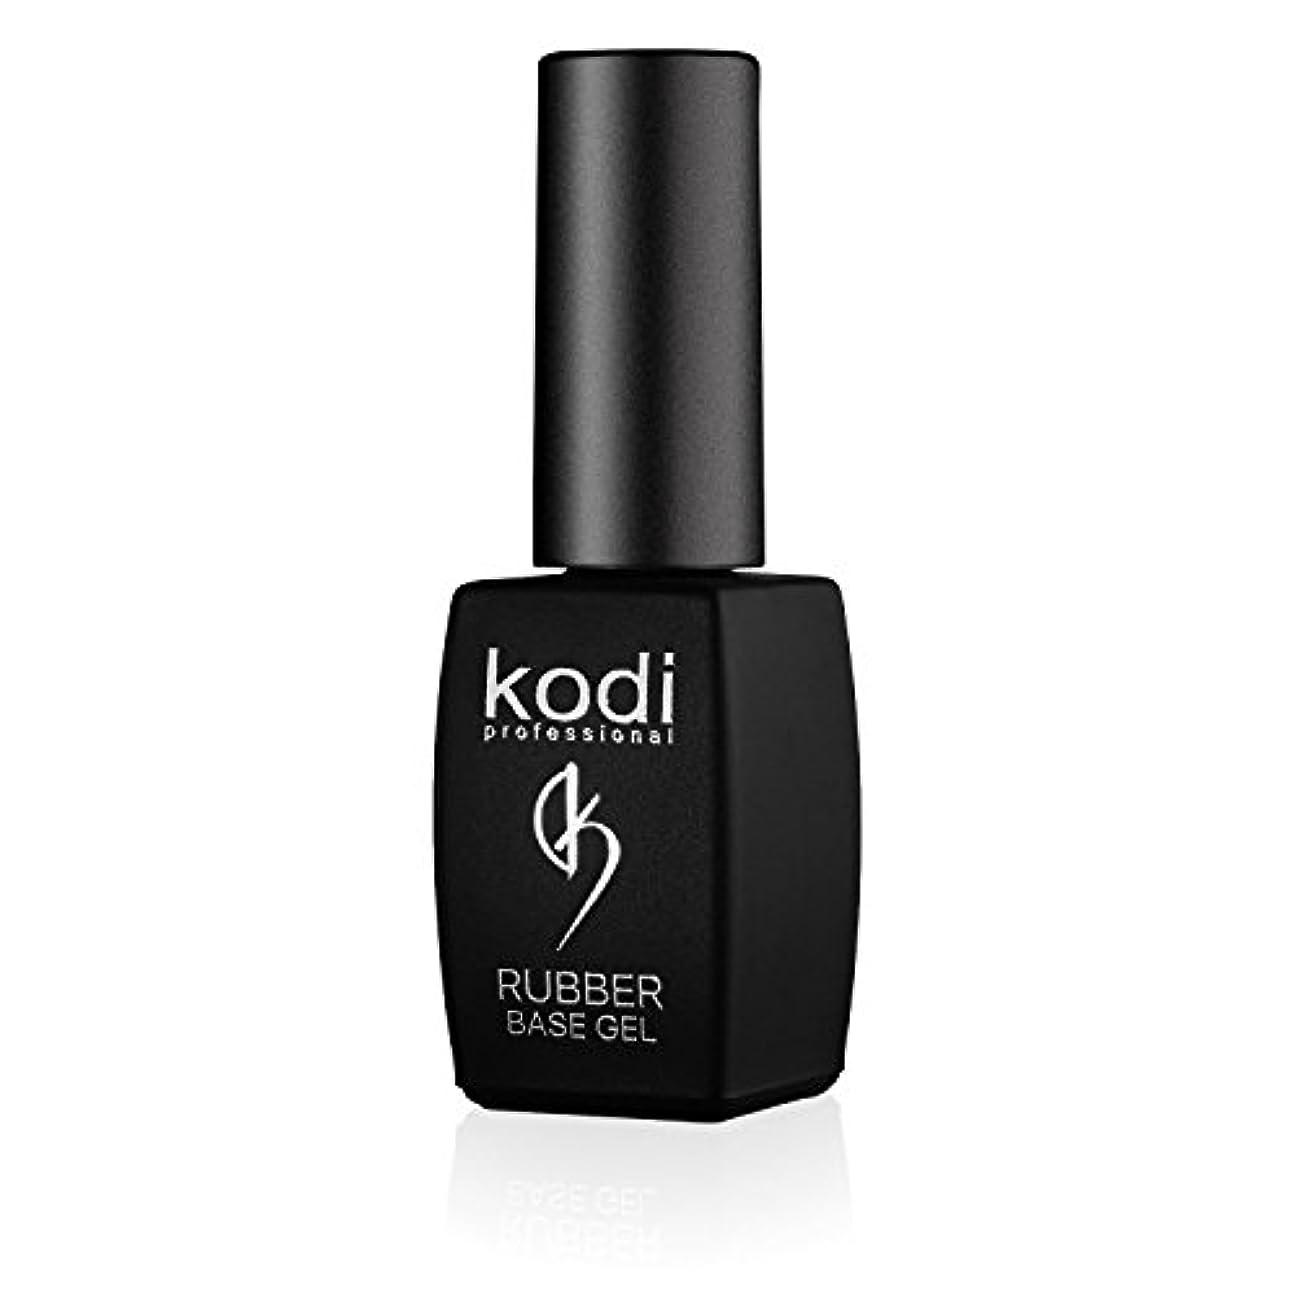 ファイナンス間違いいいねProfessional Rubber Base Gel By Kodi   8ml 0.27 oz   Soak Off, Polish Fingernails Coat Gel   For Long Lasting Nails Layer   Easy To Use, Non-Toxic & Scentless   Cure Under LED Or UV Lamp